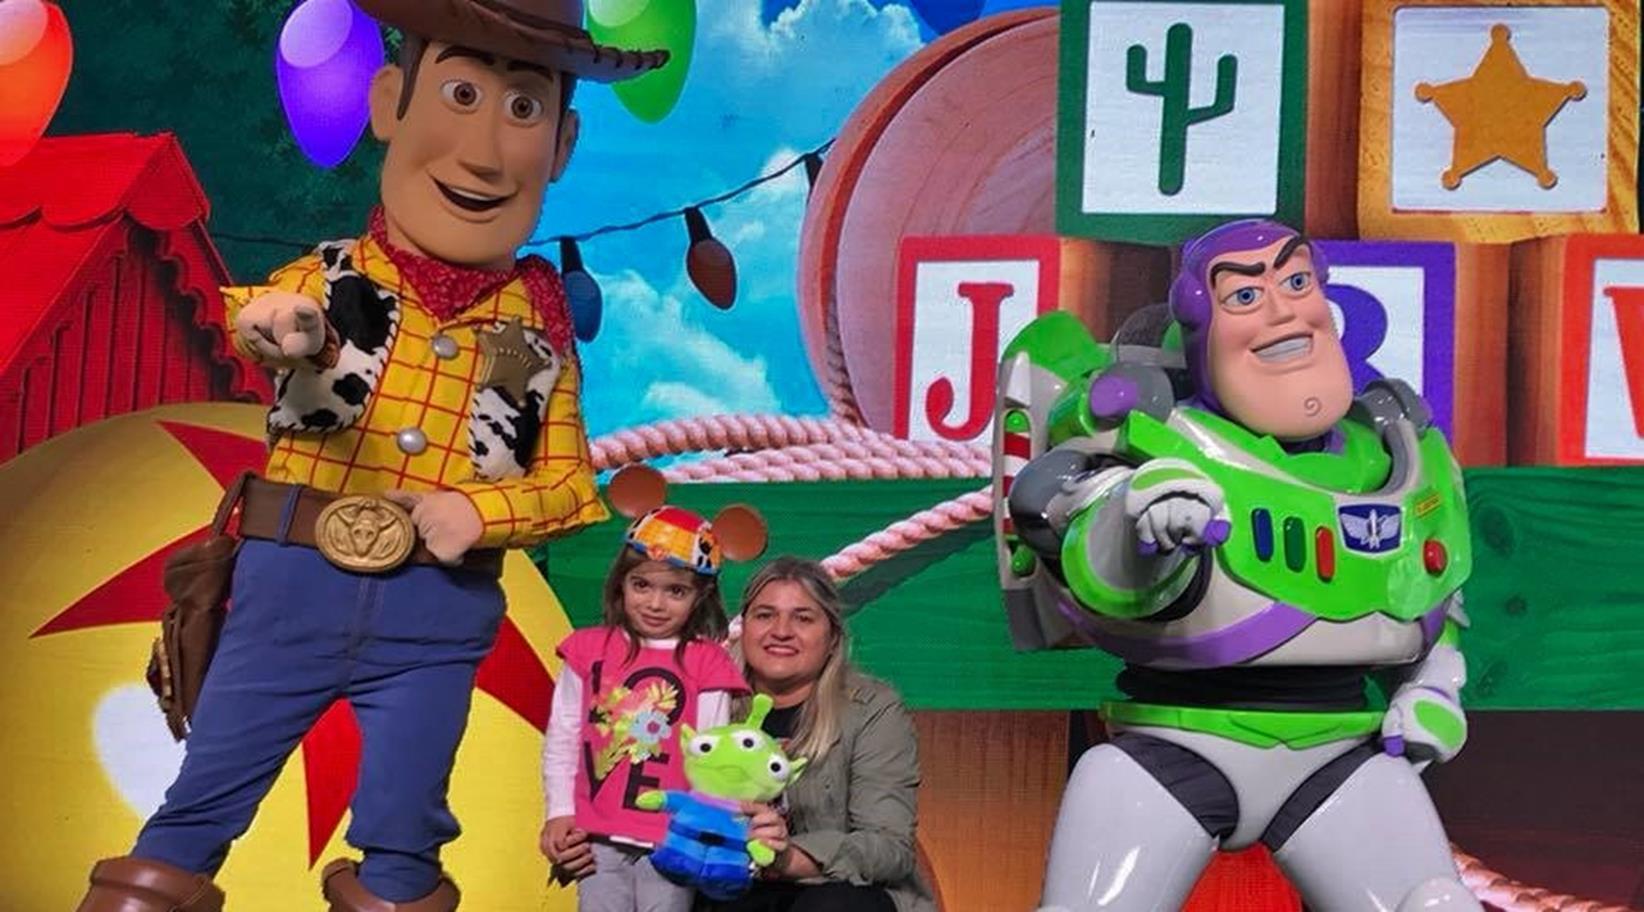 Aires Patio Toy En Buenos Se Presentó Story Land Andy De Del El 8nOkXwPN0